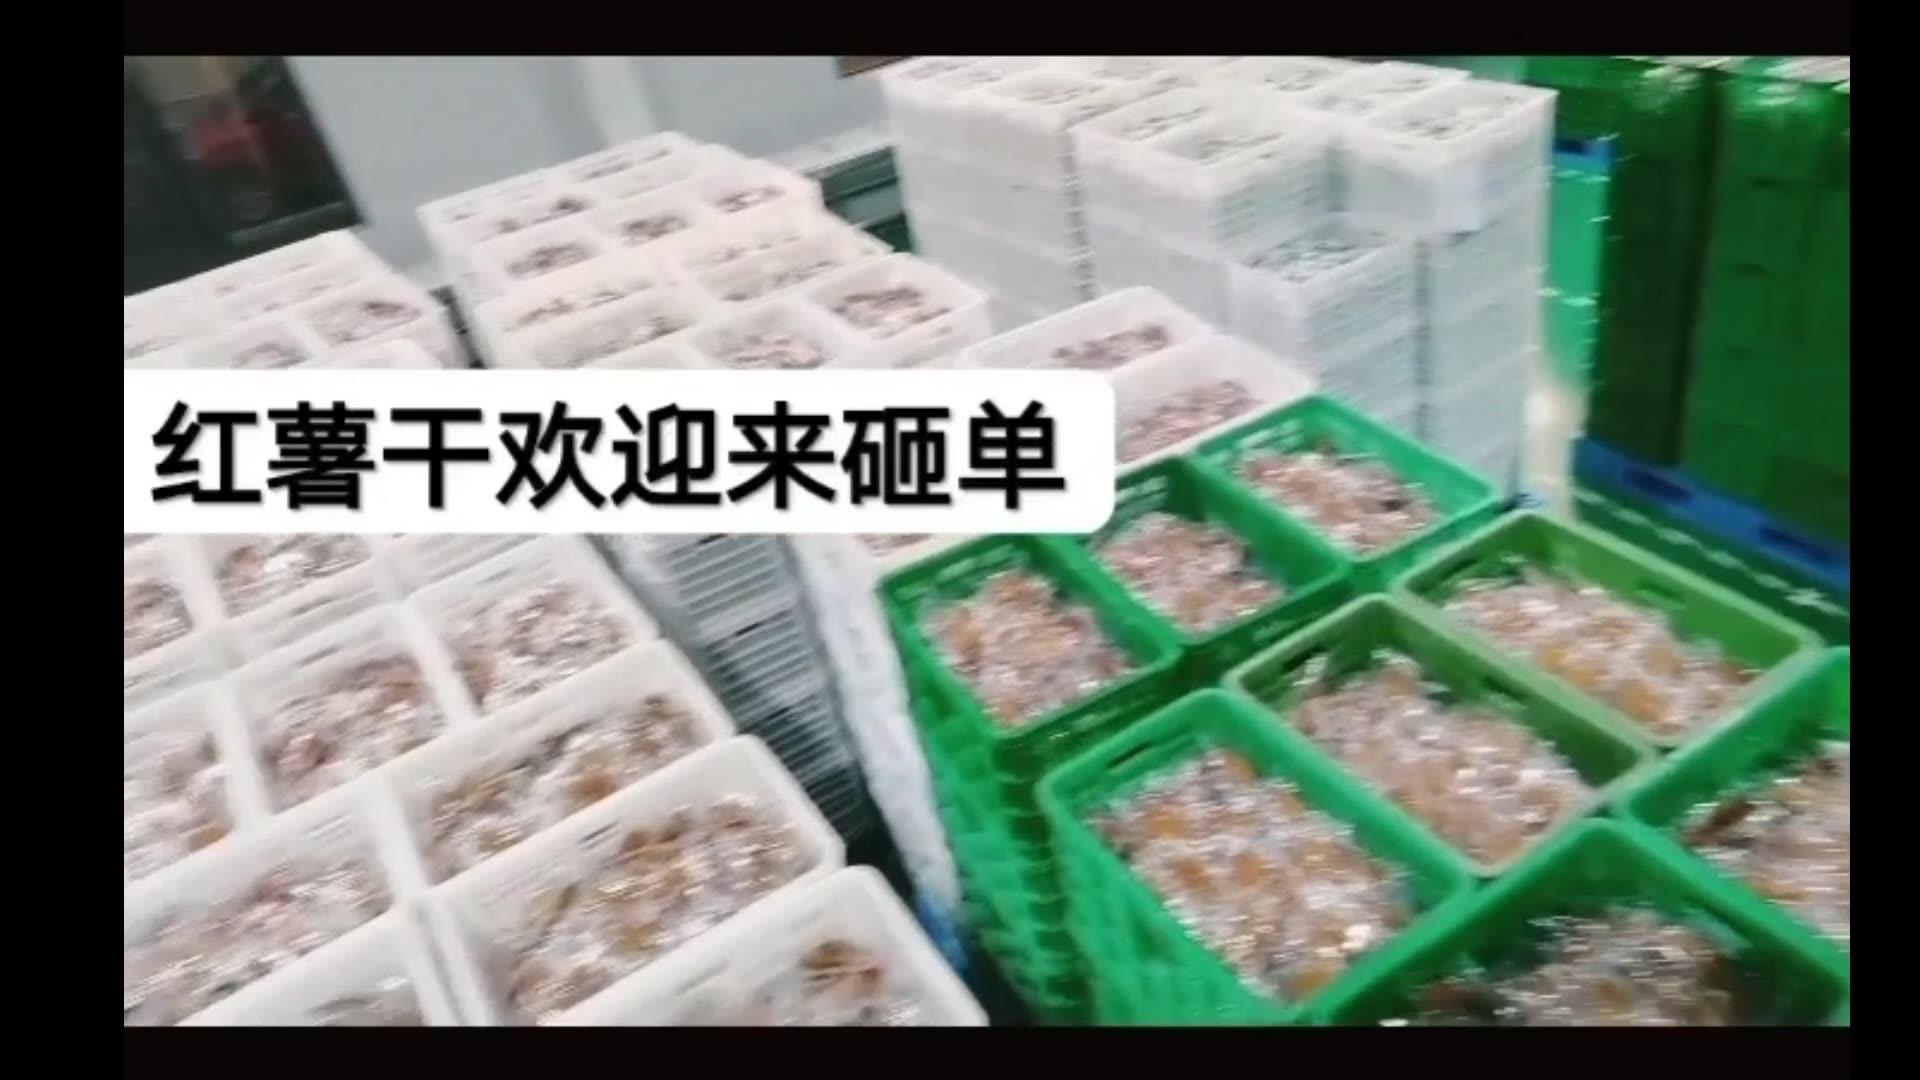 35薯蜜薯片膳食纤红薯片倒蒸地瓜干倒蒸红薯干番薯干出口干芋